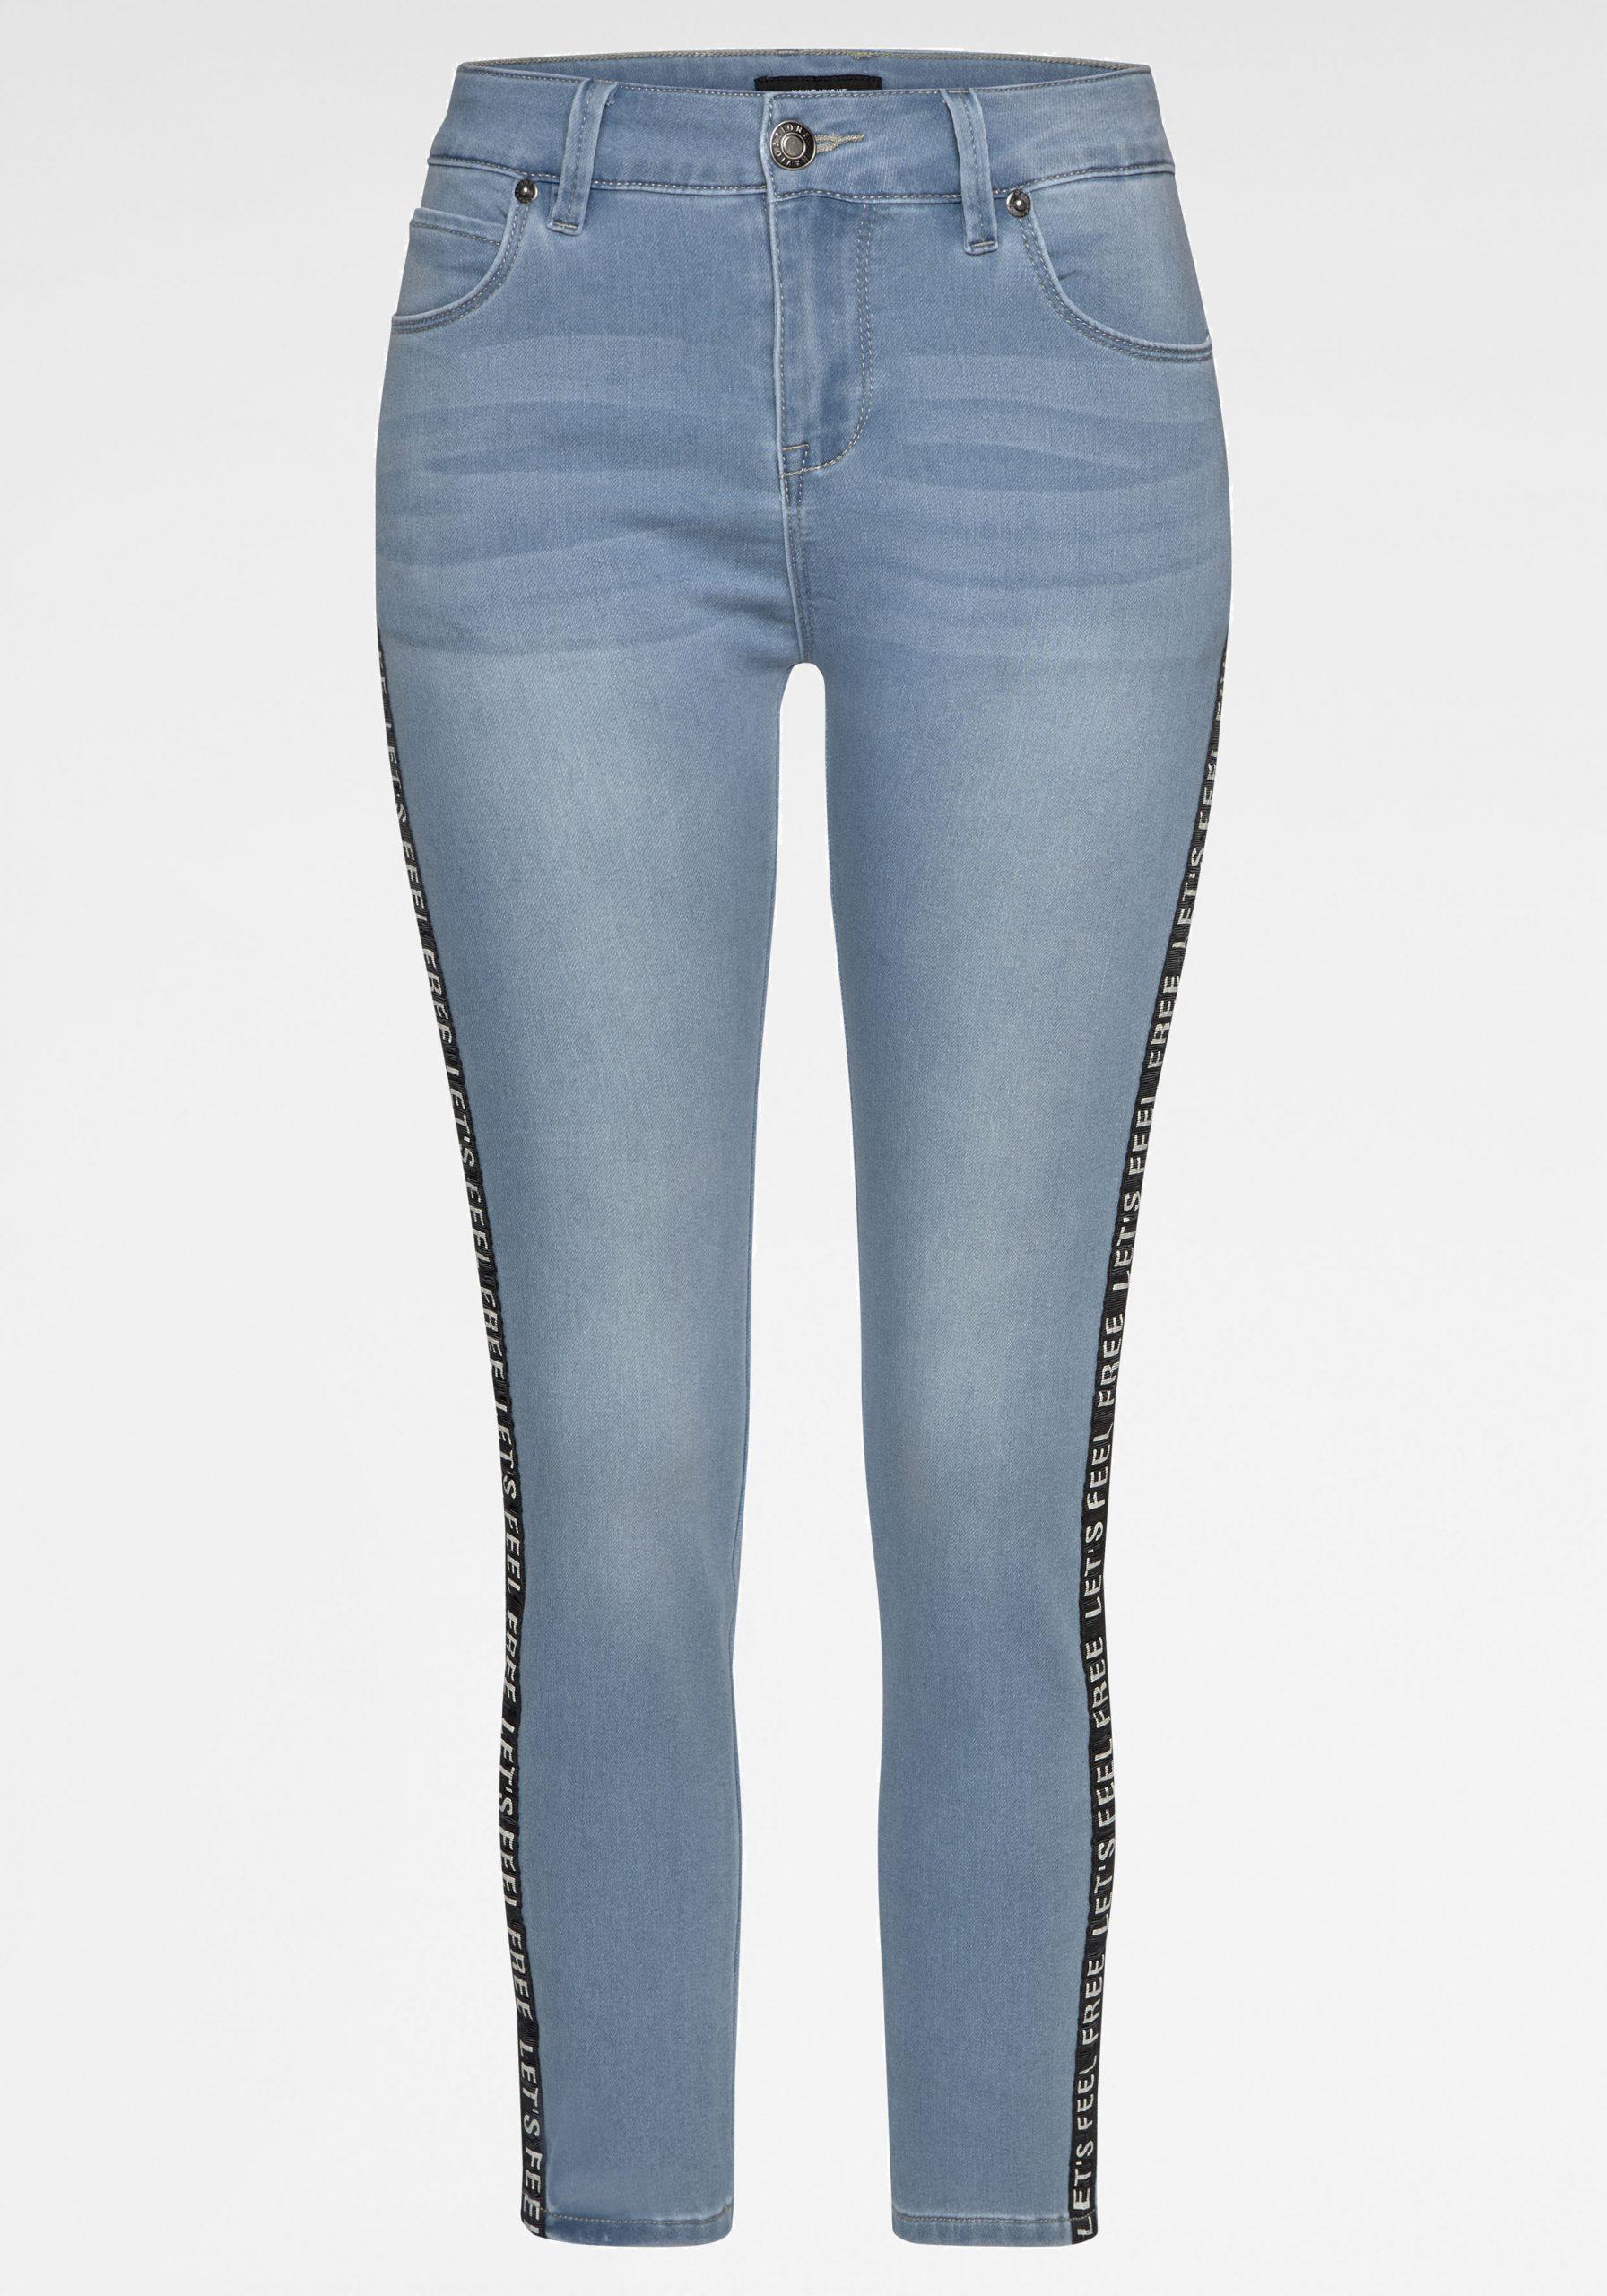 Damen Jeans mit Zierstreifen hellblau